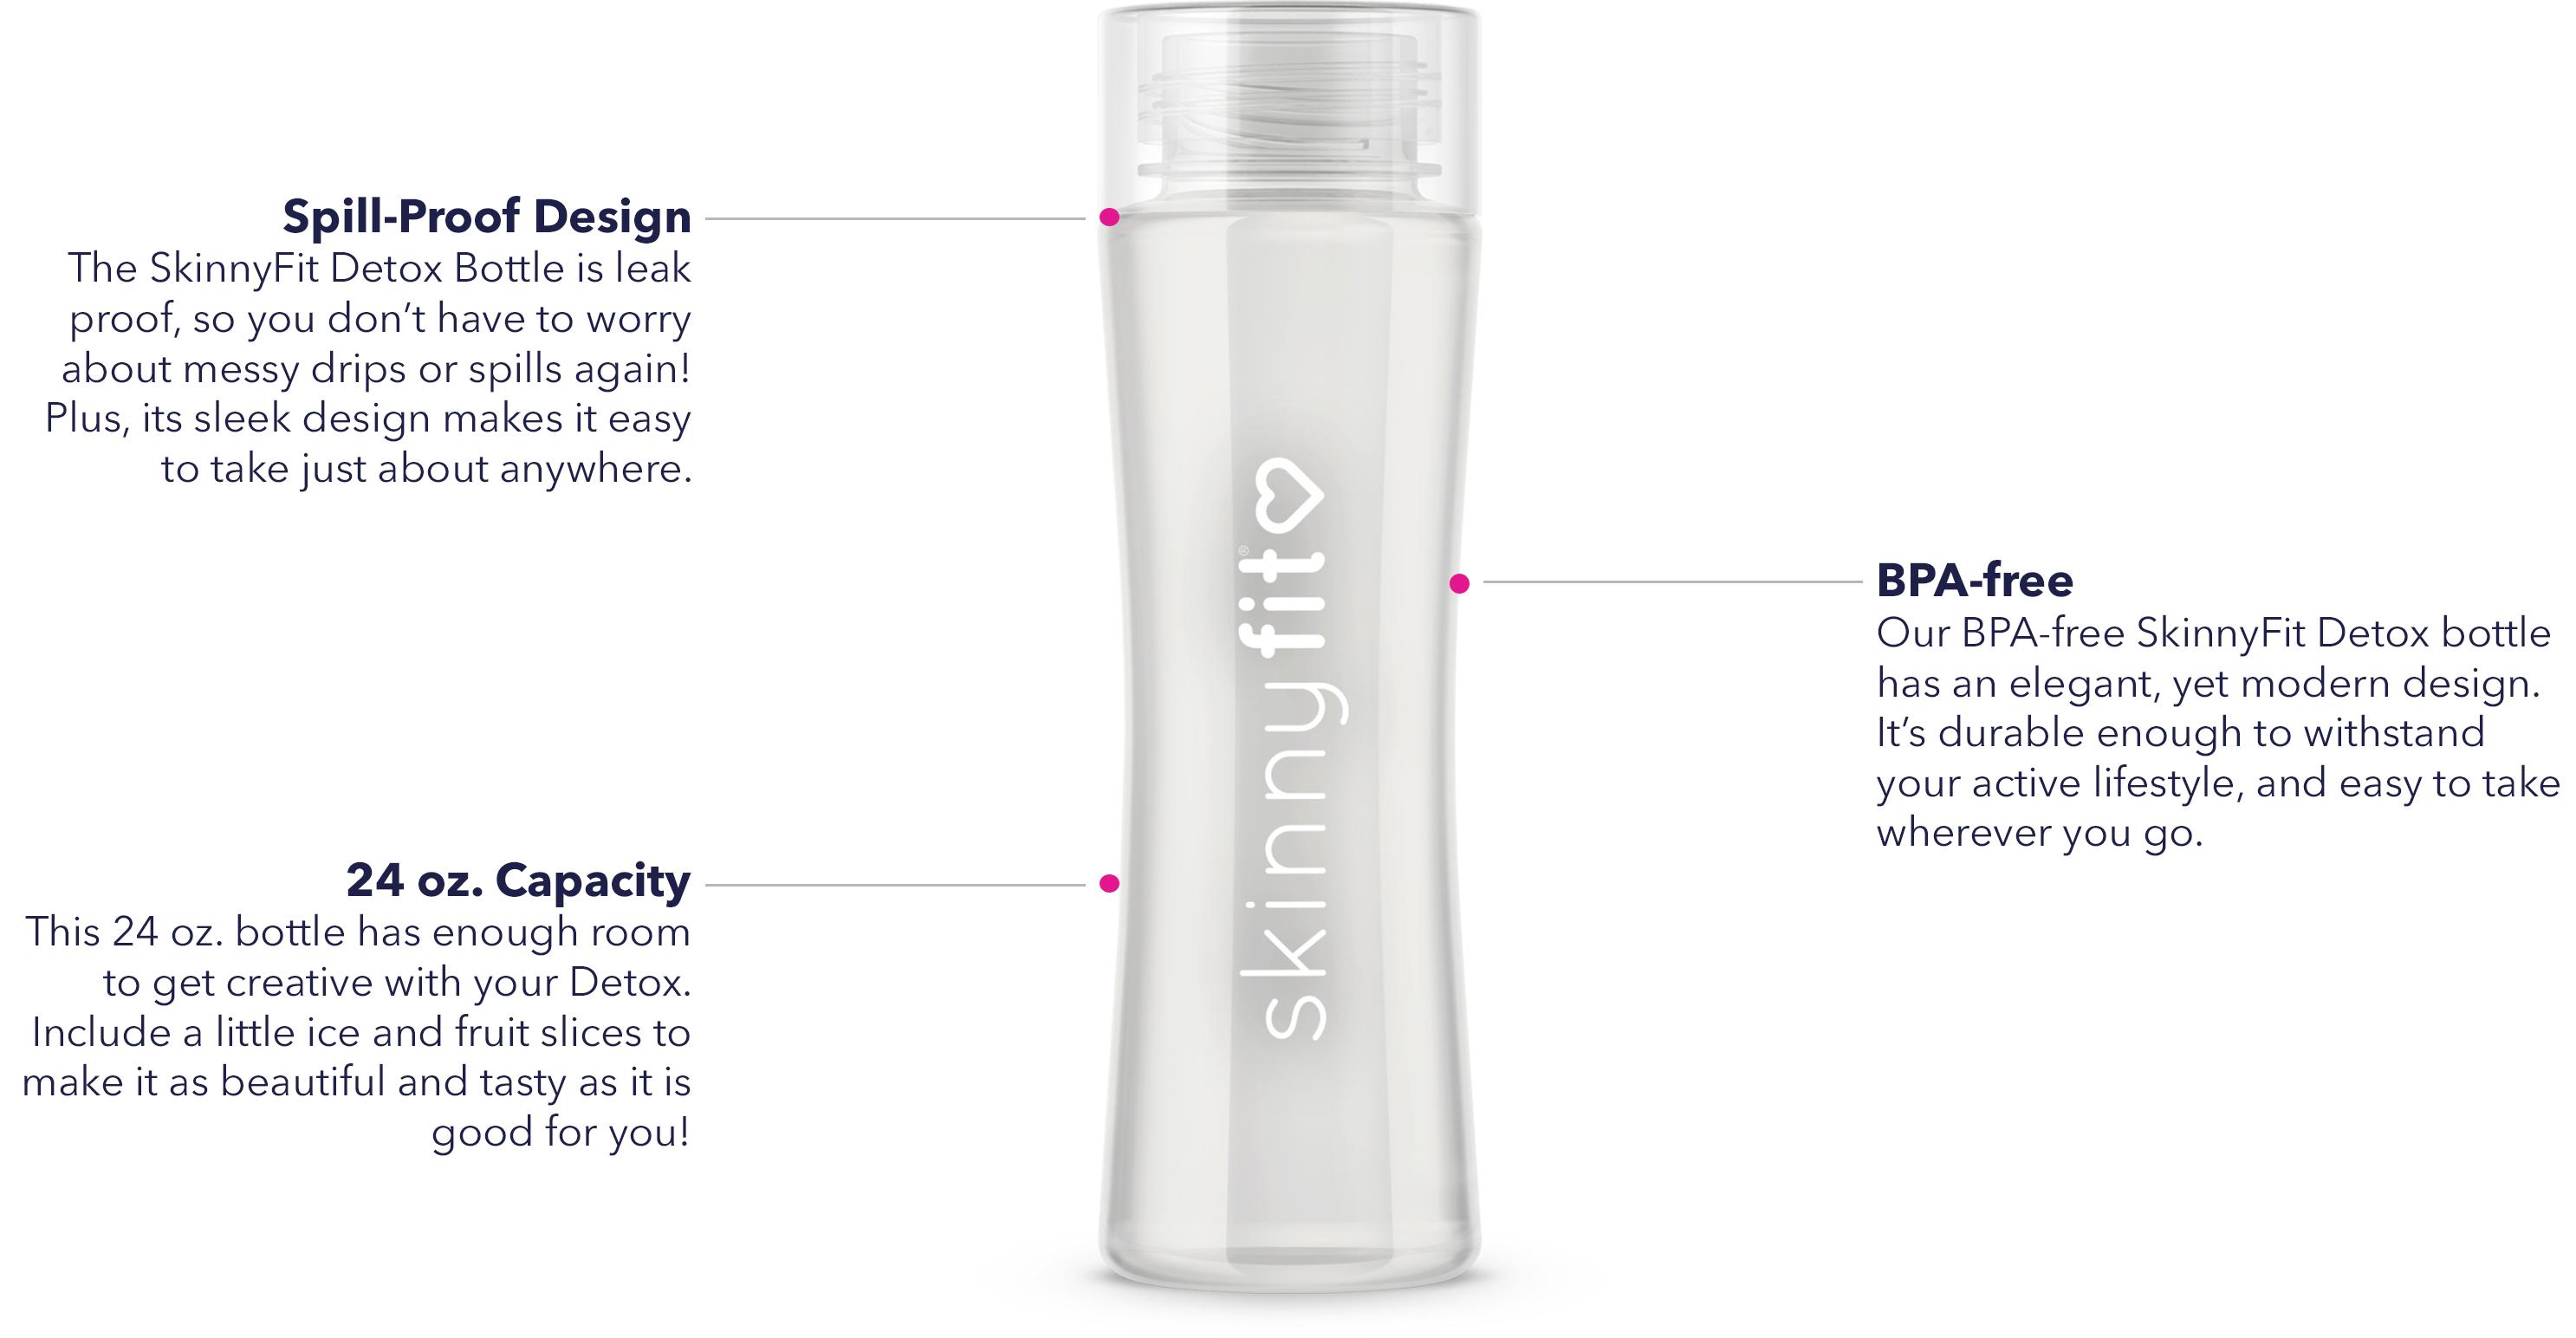 SkinnyFit Detox Bottle details